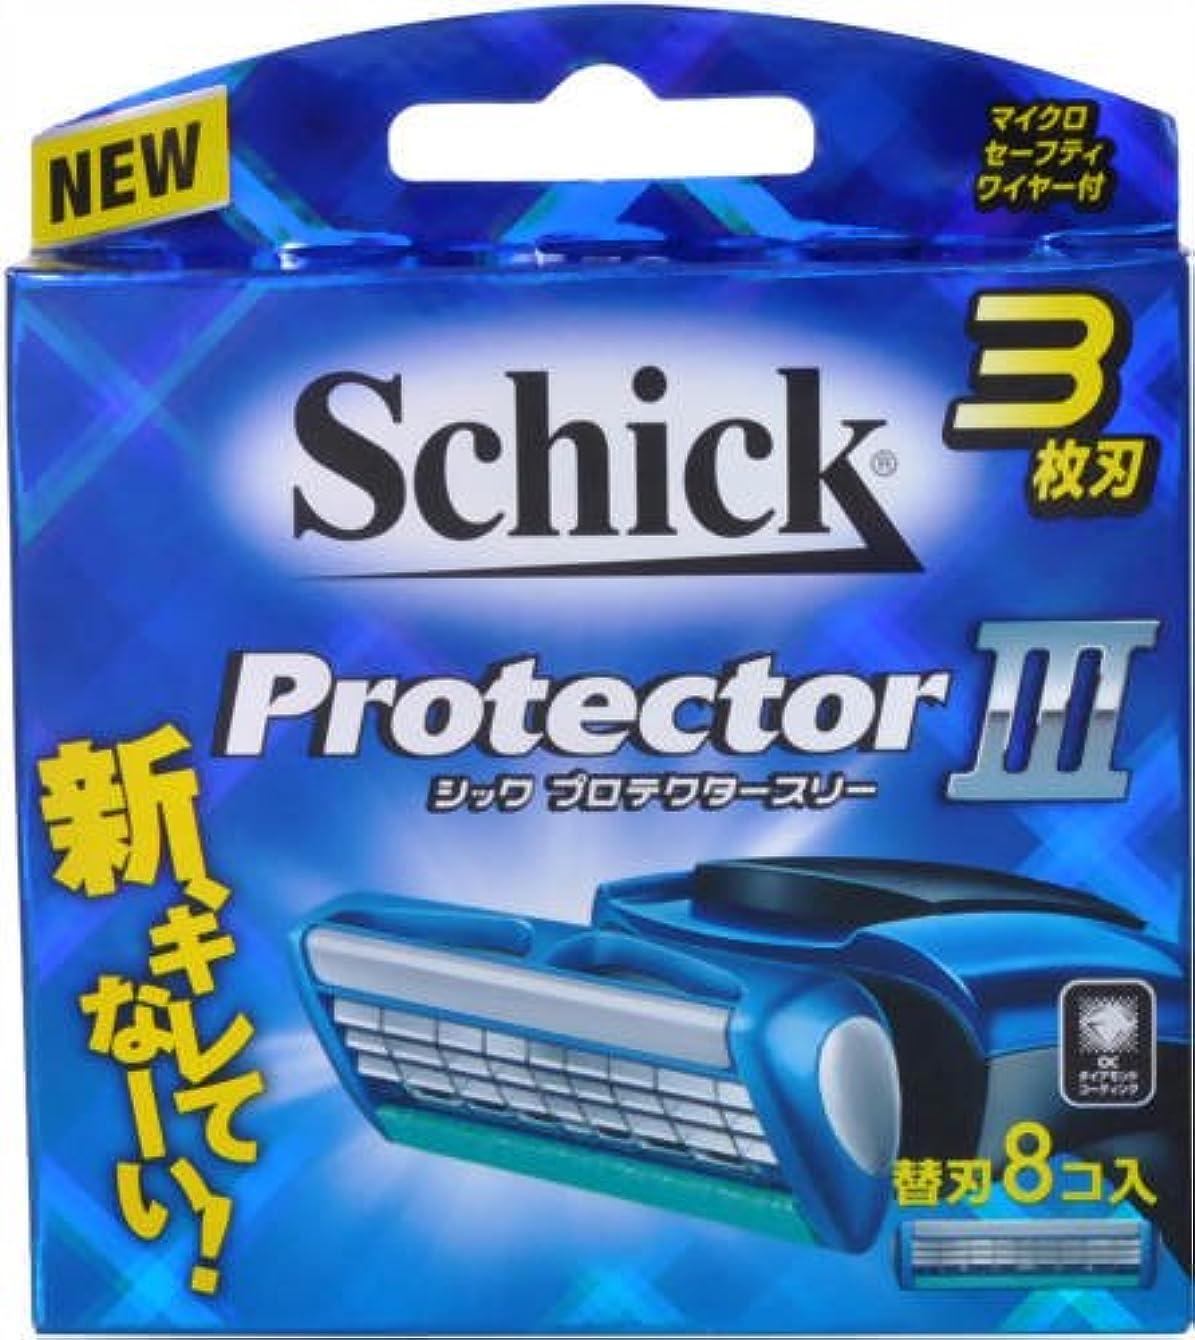 列車調整可能情熱的シック プロテクタースリー 替刃 (8コ入)